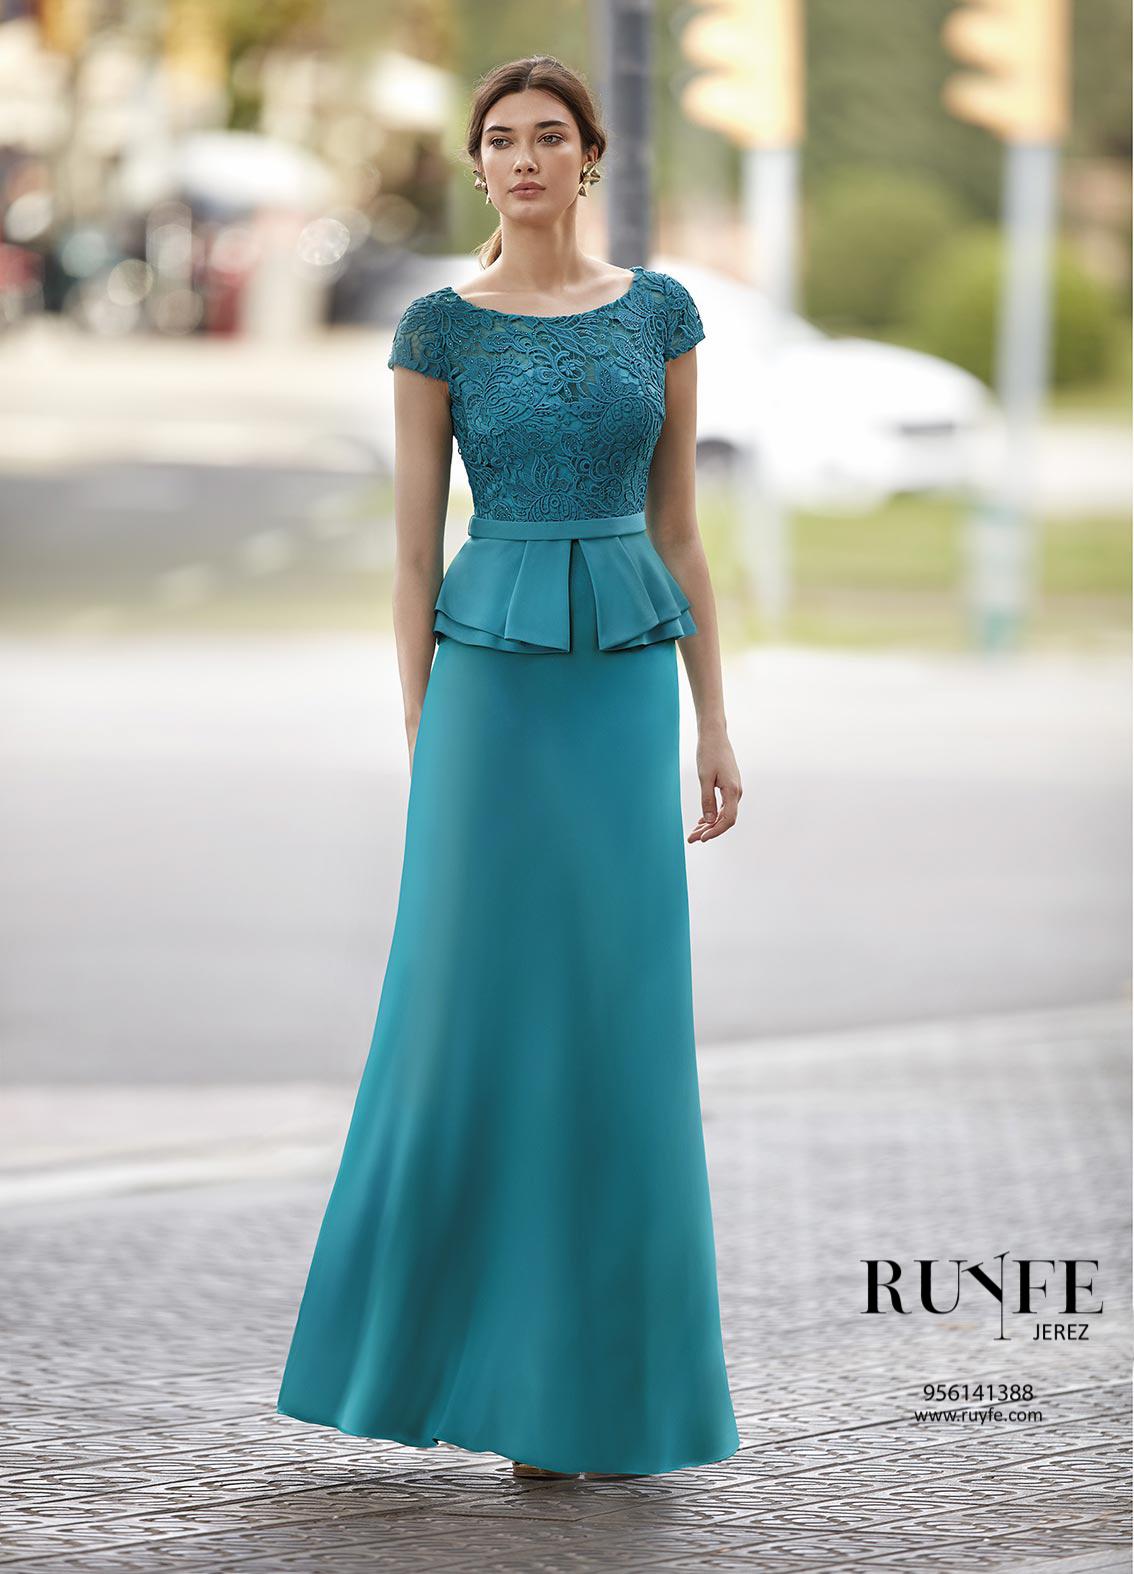 Ruyfe | vestidos-de-fiesta | 3.-Carla Ruiz |